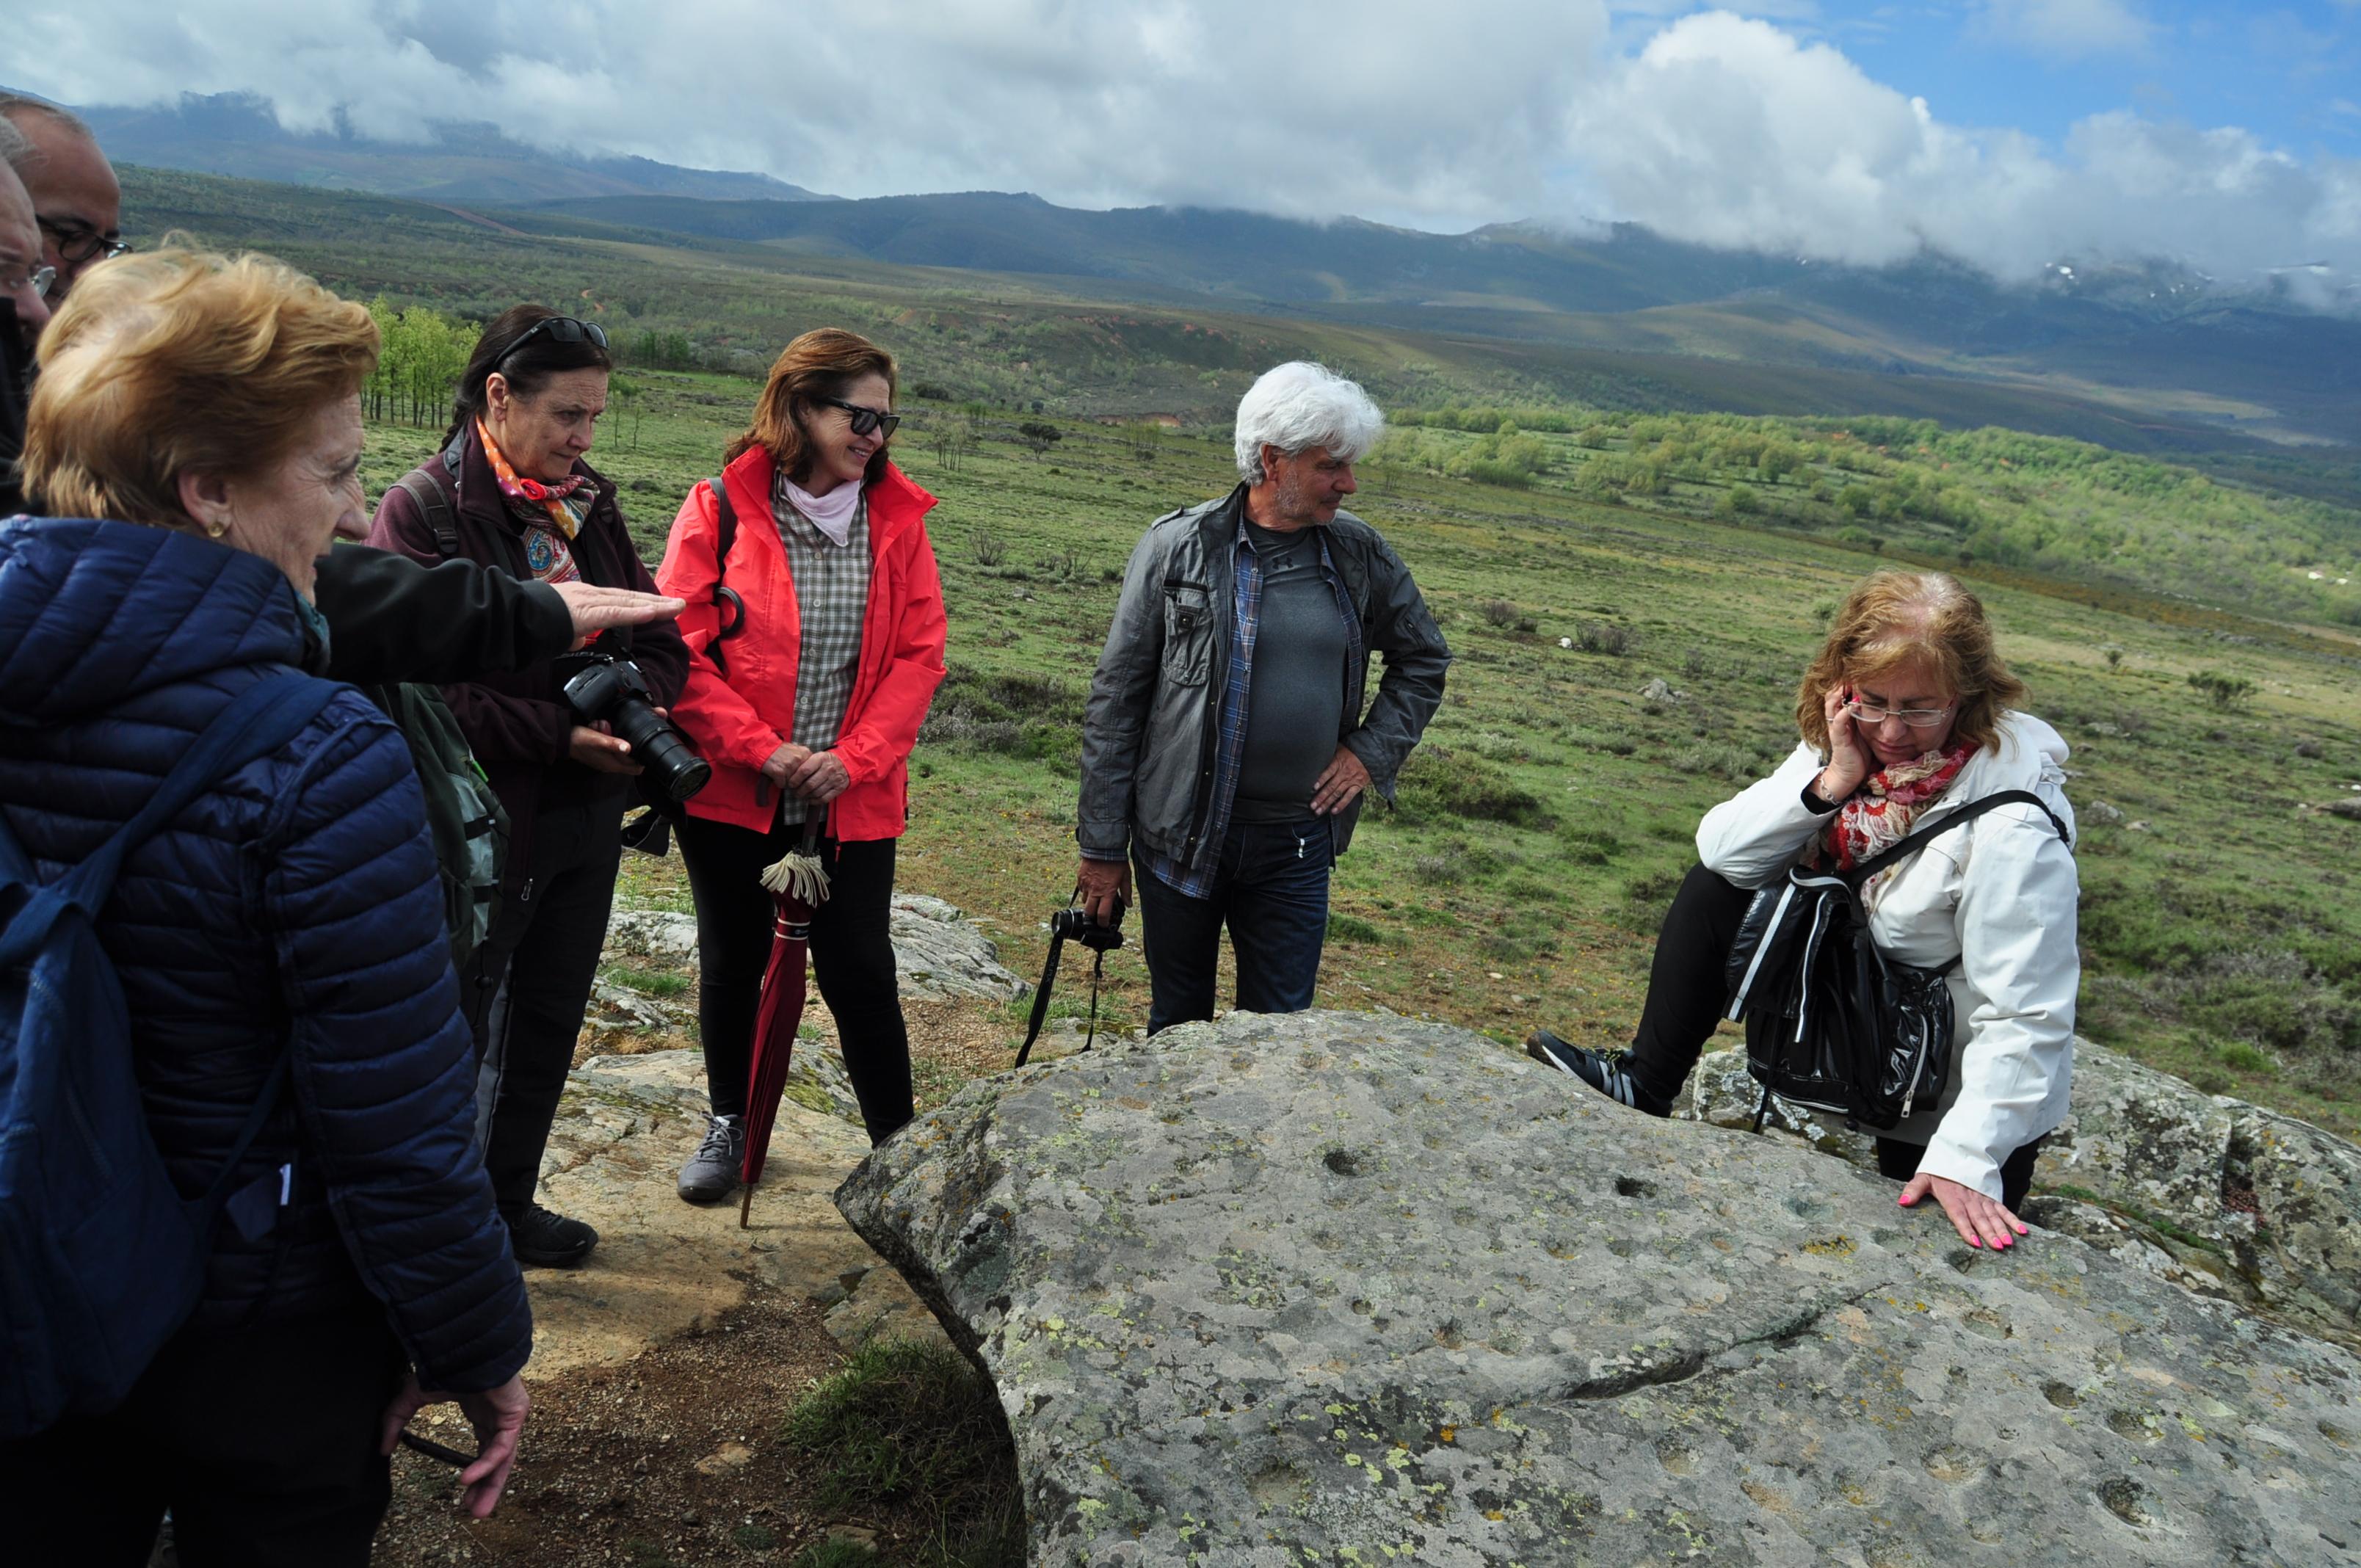 Juan Carlos Campos (casi oculto a la izquierda de la foto) explica los petroglifos de Peñafadiel, frenta al Teleno.